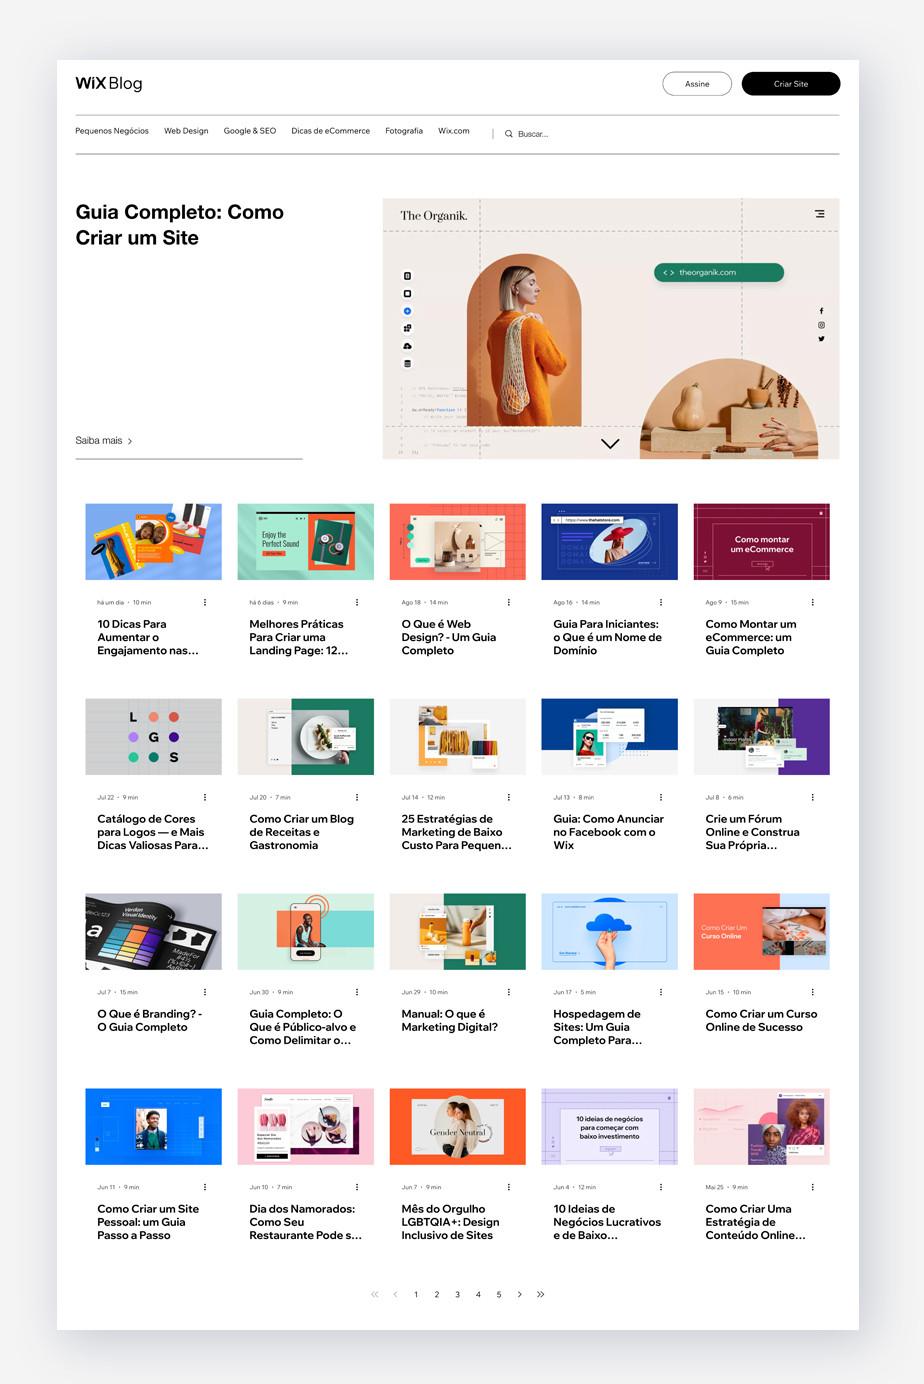 Exemplo de marketing de conteúdo: Blog do Wix